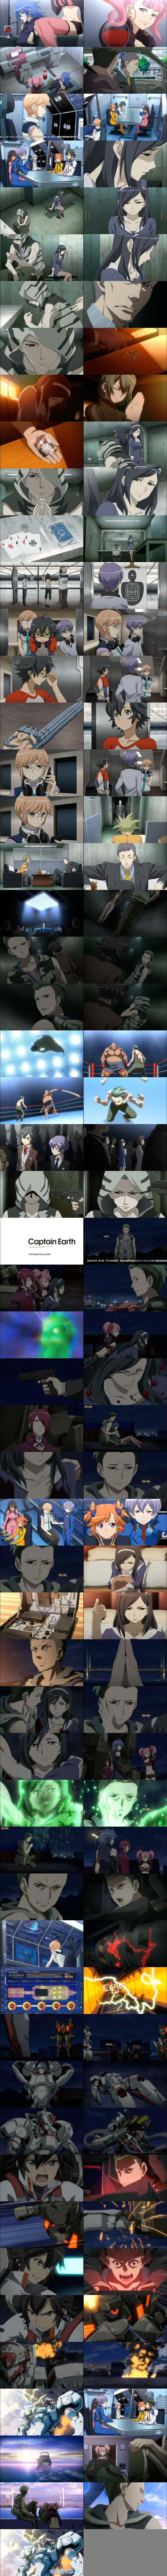 キャプテン・アース 第12話 画像まとめ